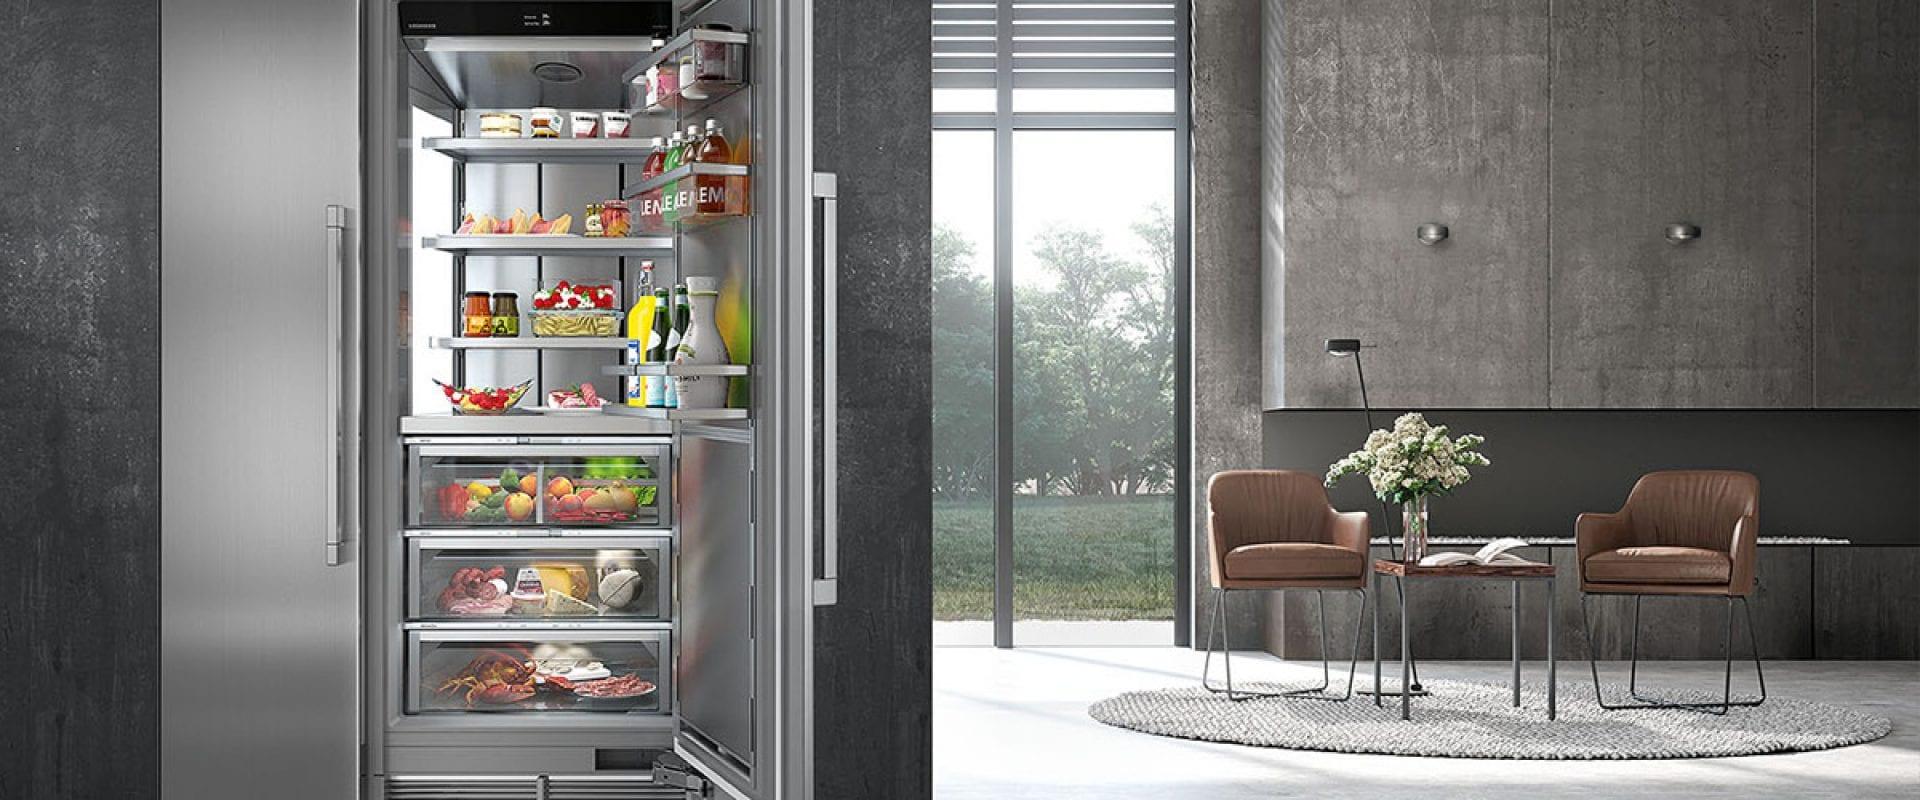 8857Полезные советы по использованию холодильника